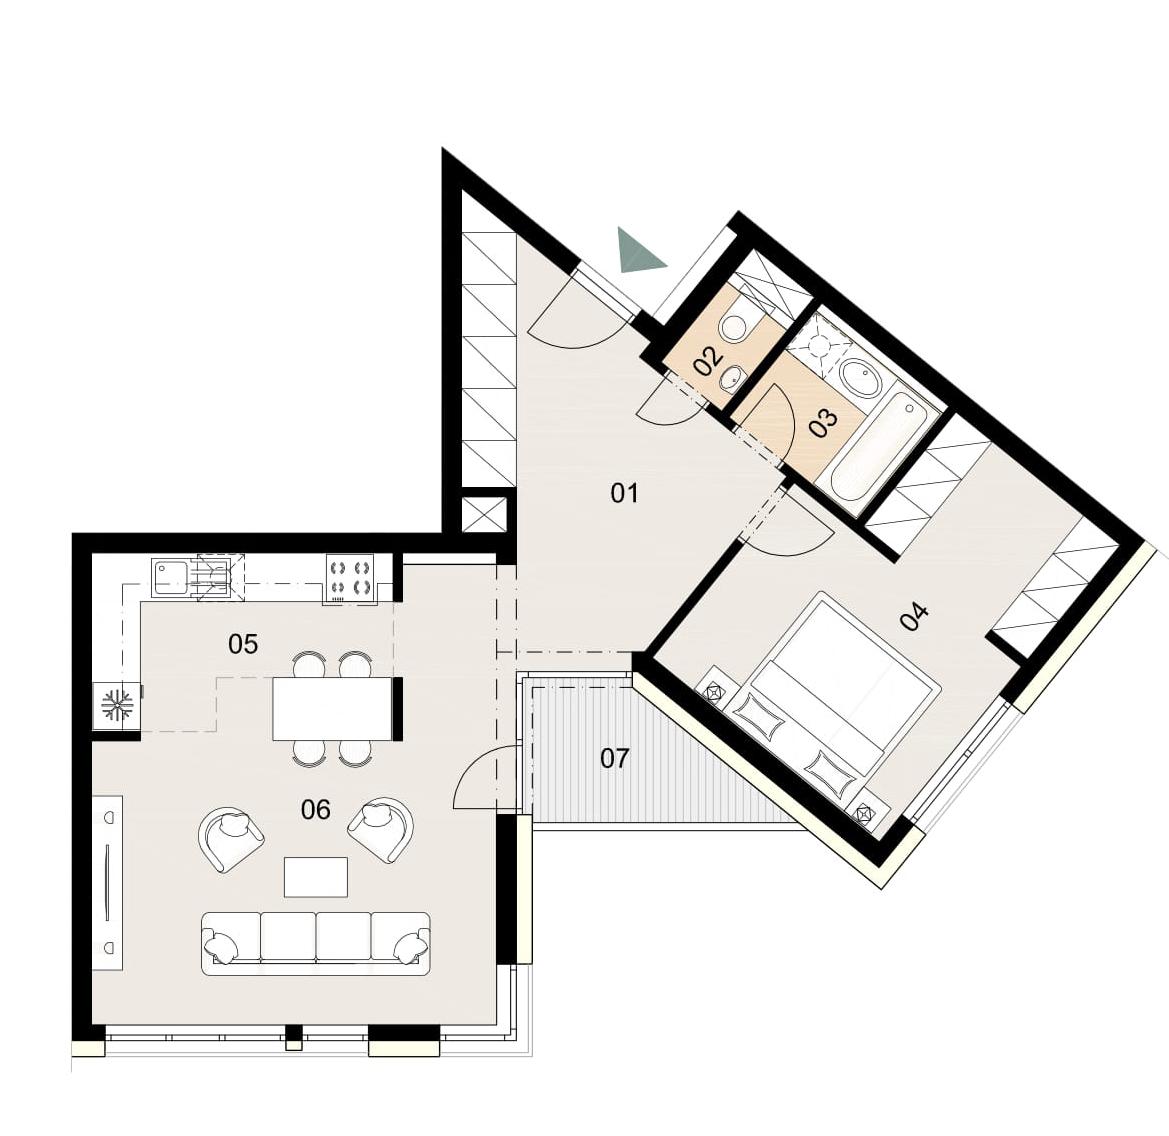 Rosenhaus byt 204, 2-izbový. Novostavba Vrakuňa.